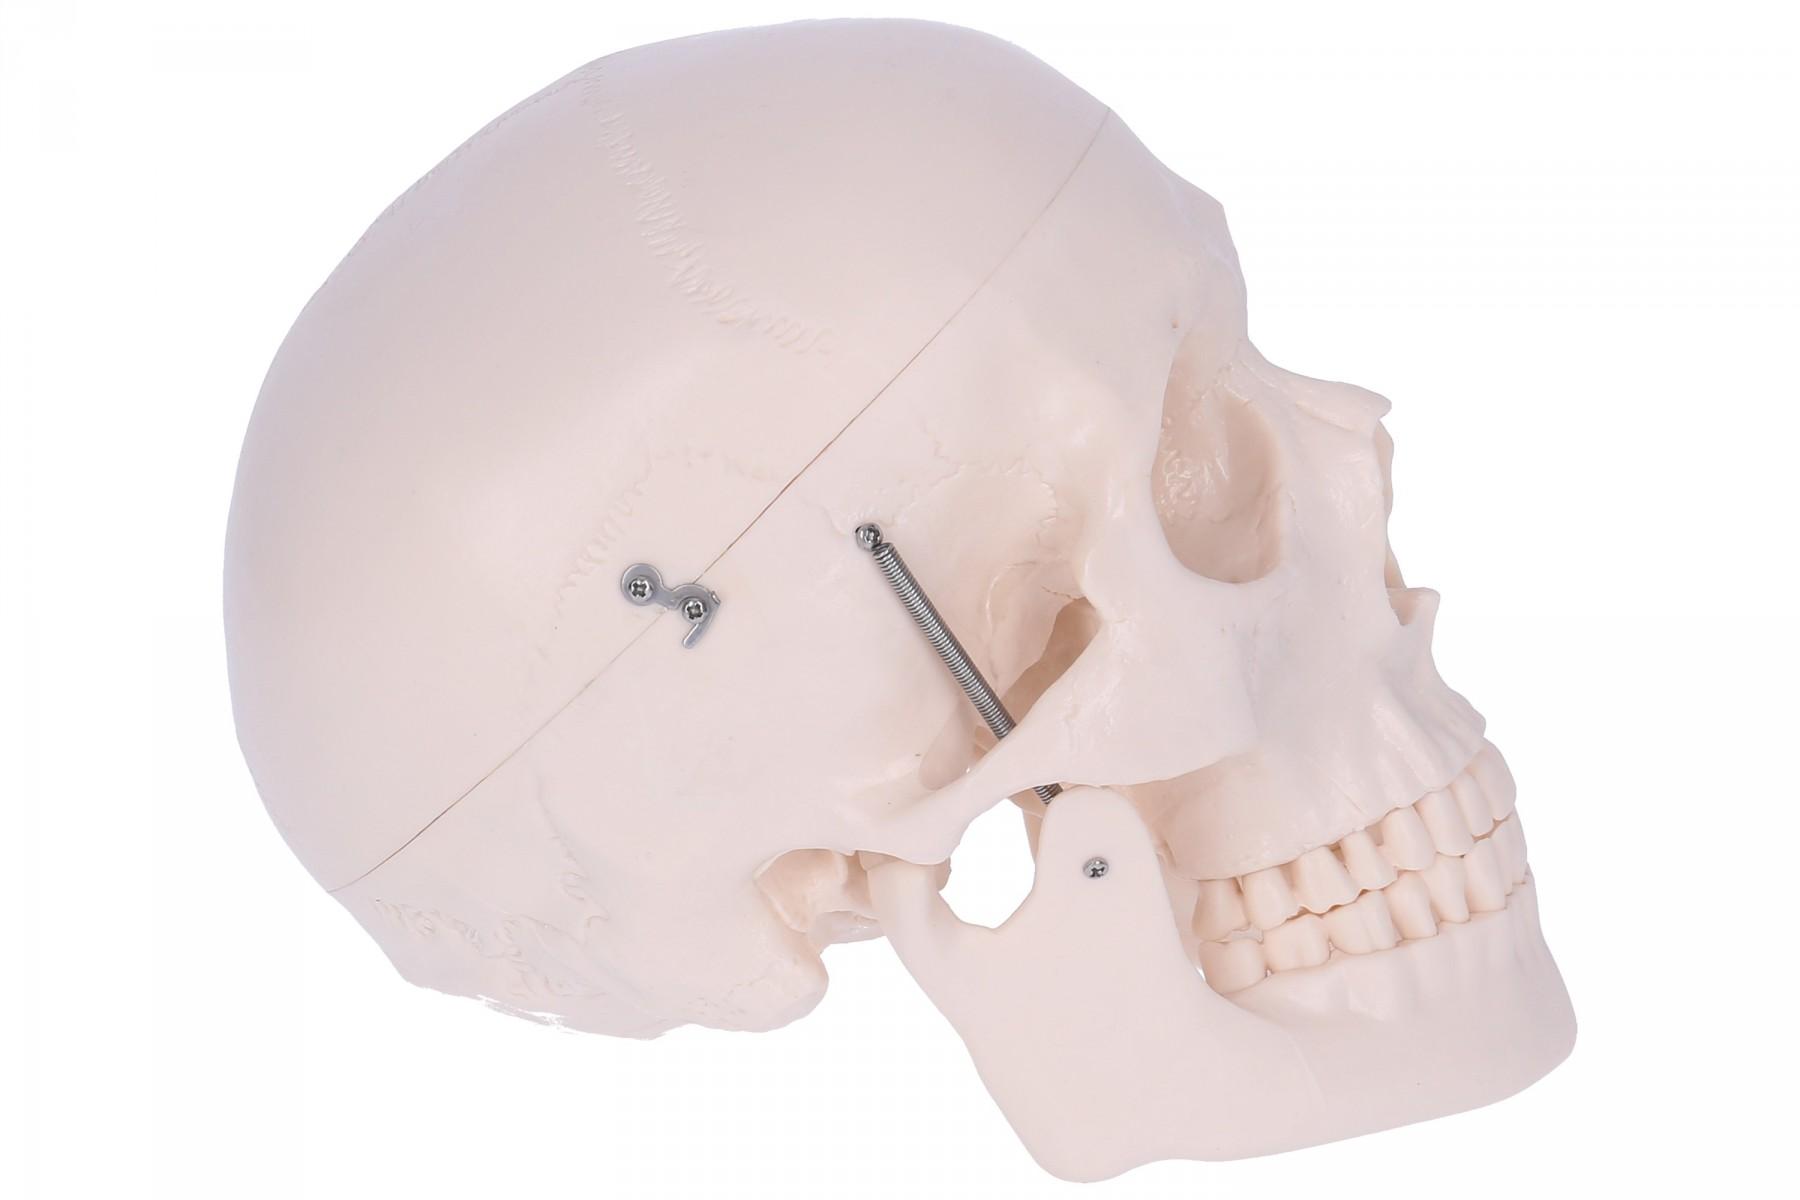 Schädelmodell mit Gehirn